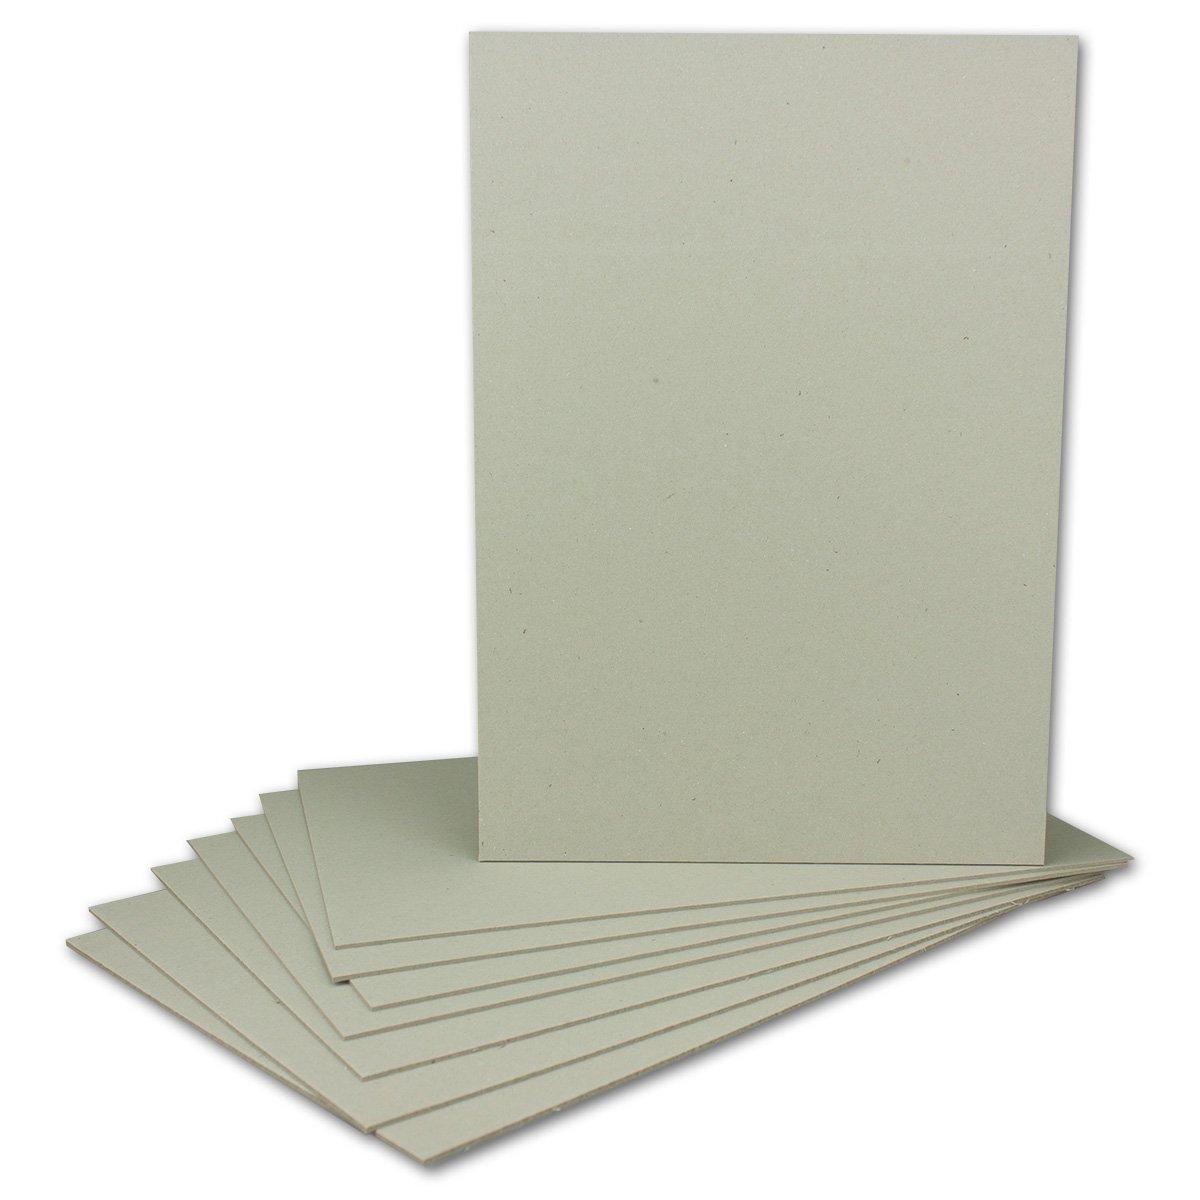 100 Stück Buchbinderpappe DIN A4   Stärke 2,0 mm   Grammatur  1230 g m²   Format  29,7 x 21,0 cm   Farbe  Grau-Braun   100 Stück B0756ZSPNG | Bestellung willkommen